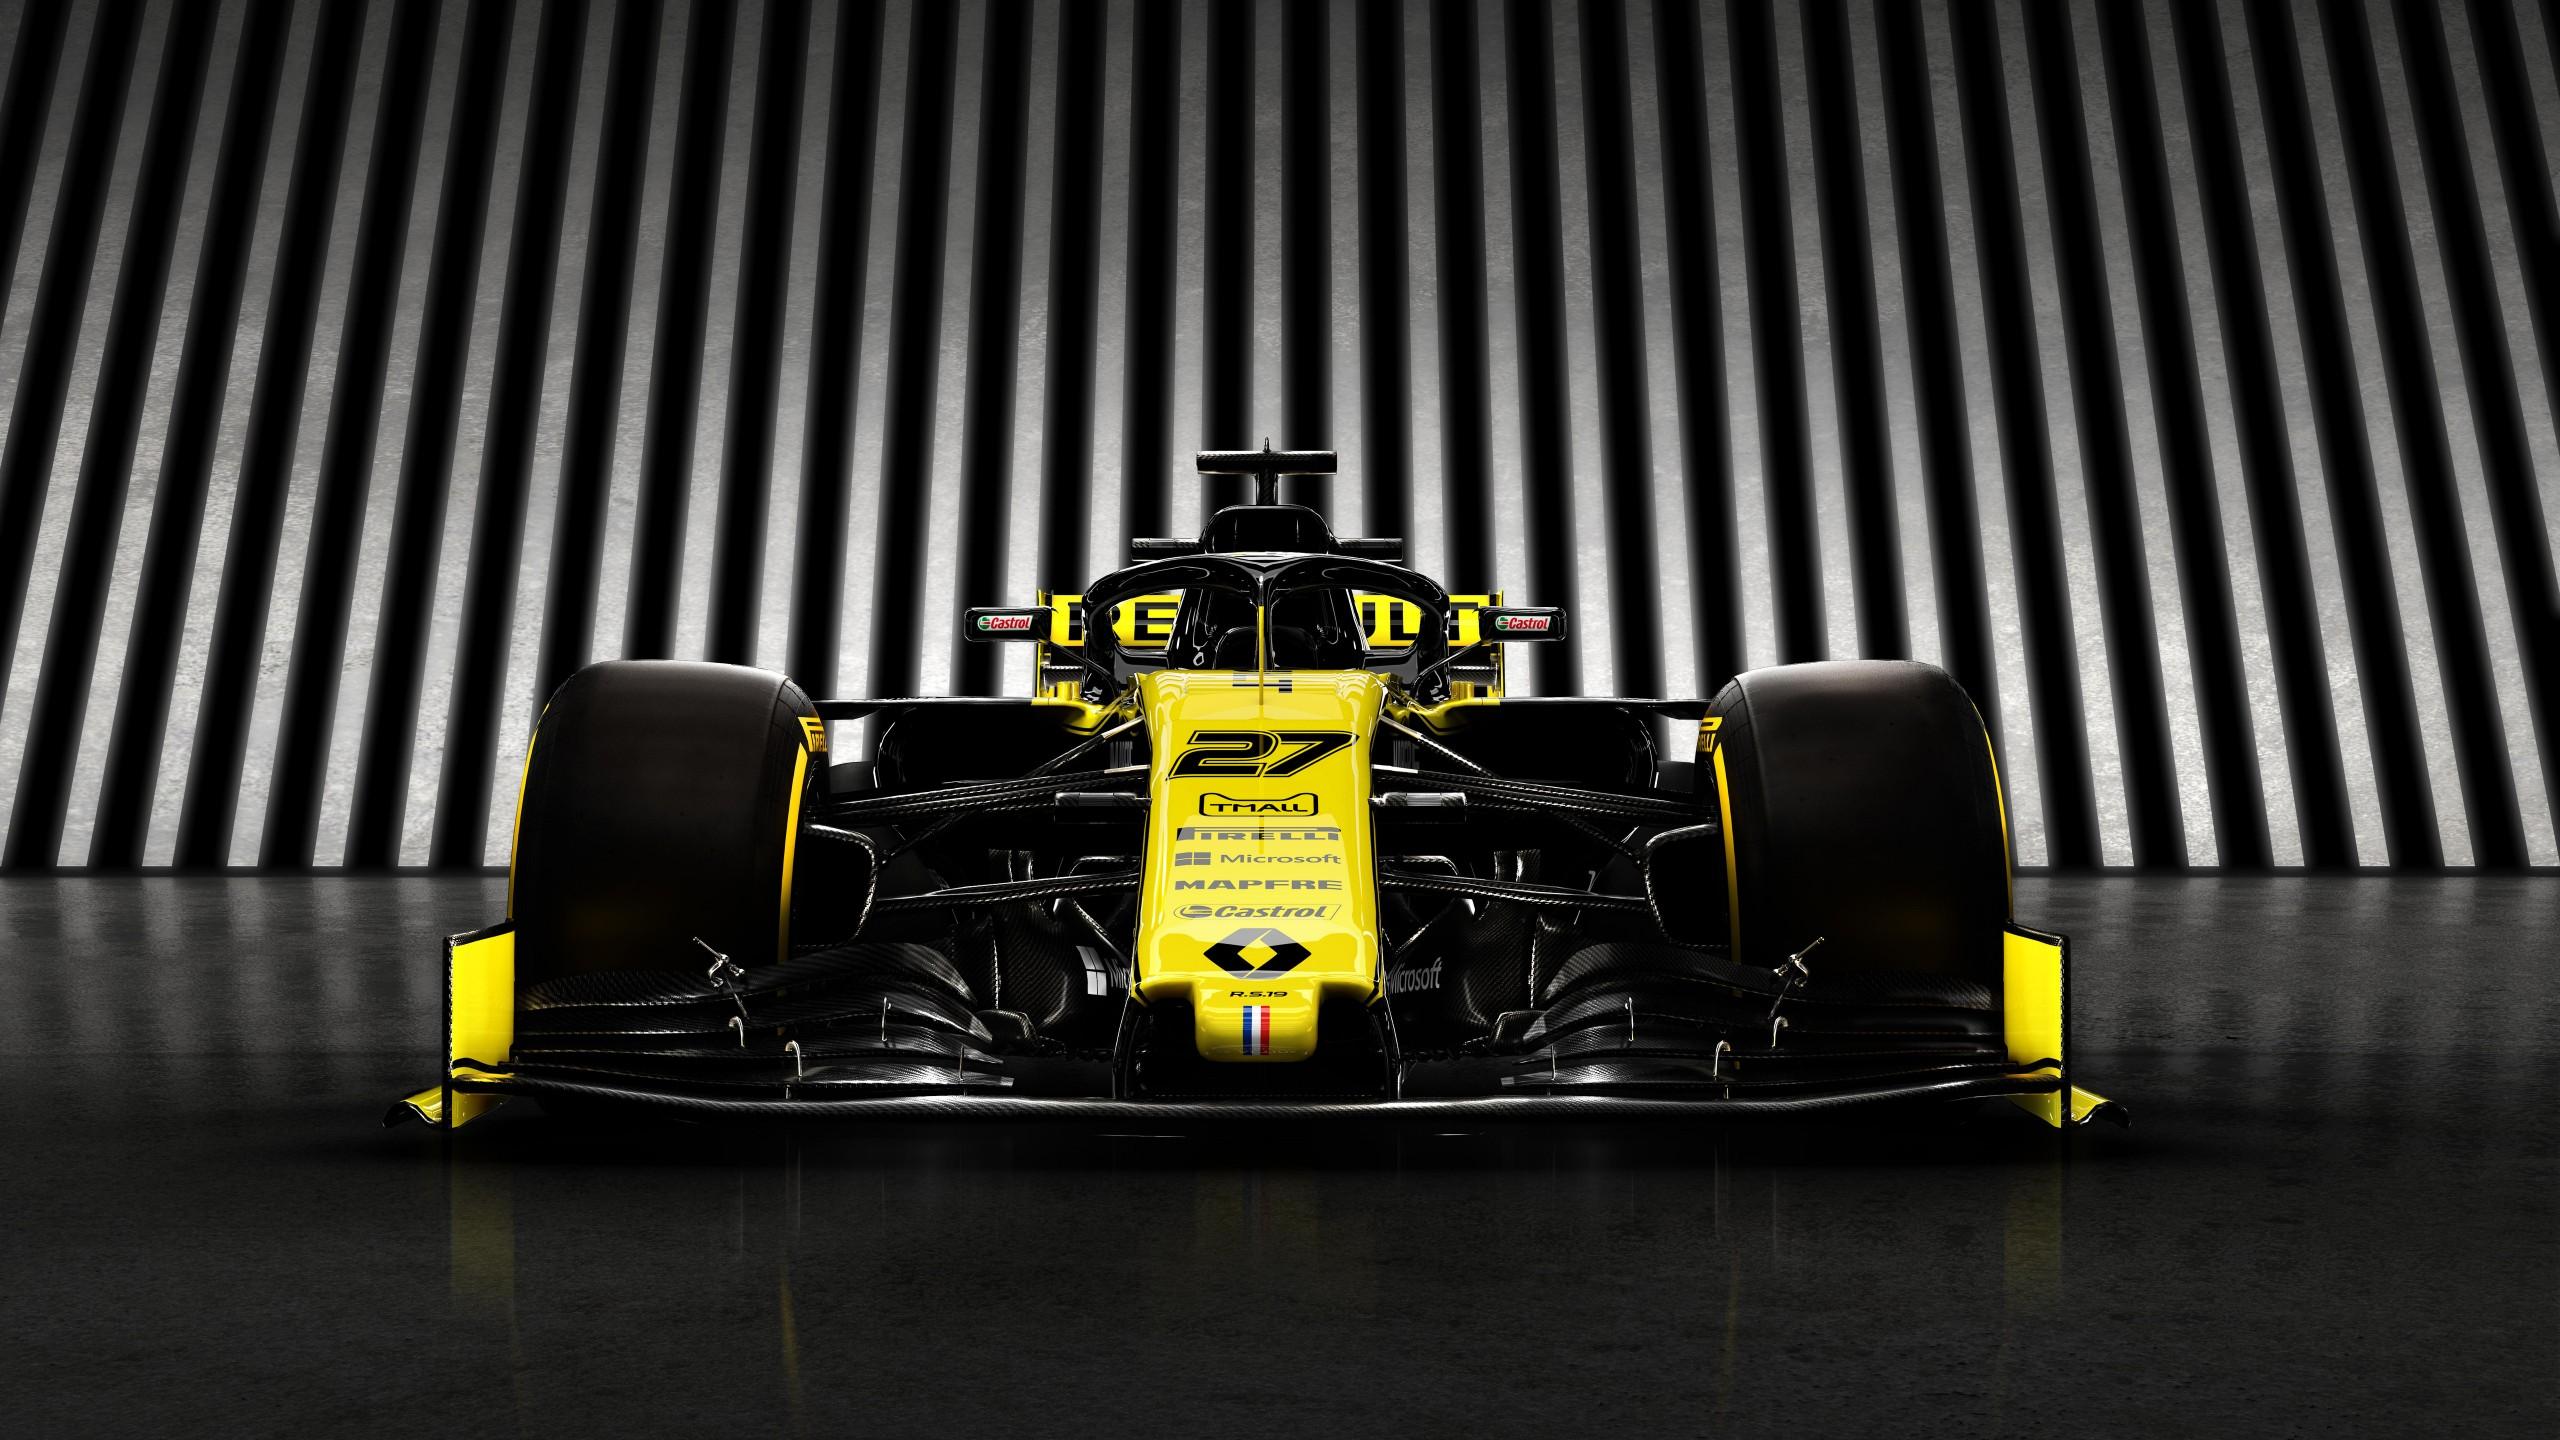 Renault RS19 Formula 1 2019 4K 8K 4 Wallpaper HD Car Wallpapers 2560x1440